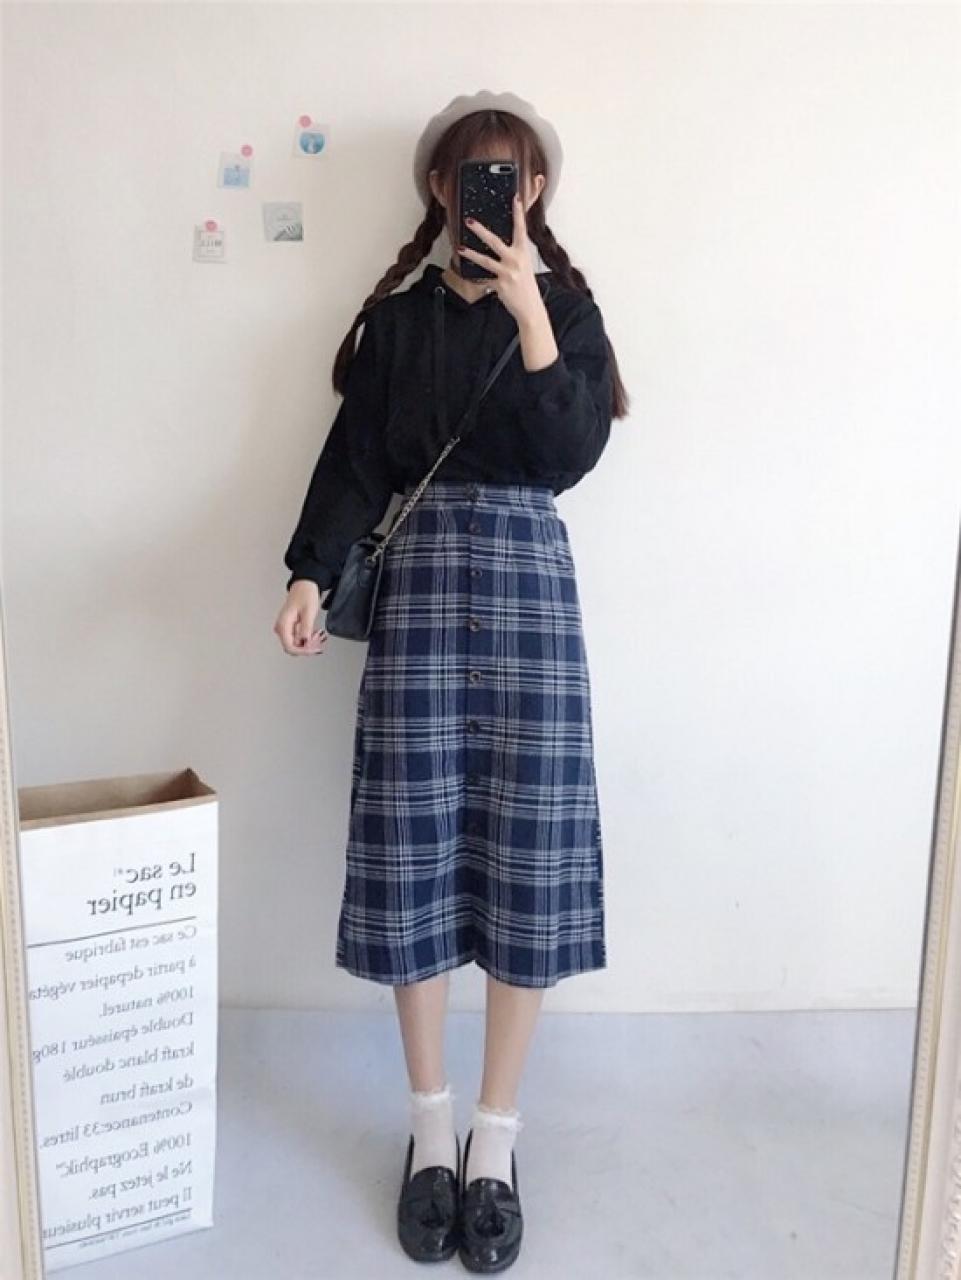 Mặc áo cánh dơi đẹp: tuyệt chiêu mặc áo cánh dơi đẹp xinh như hot girl